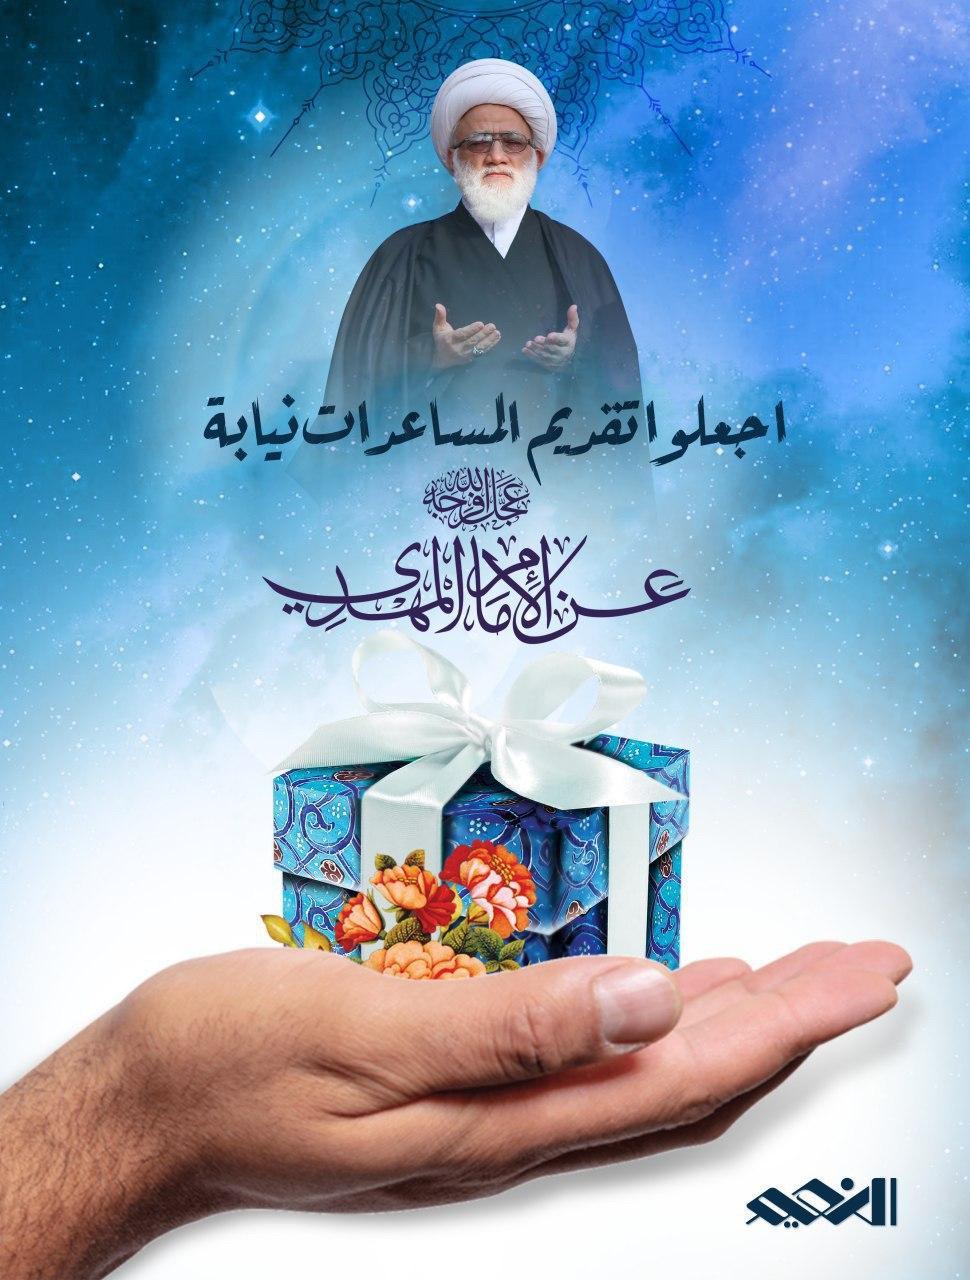 Le Référent Religieux al-Yacoubi : faites vos dons par procuration de l'Imam Mahdi (que la paix soit sur lui)